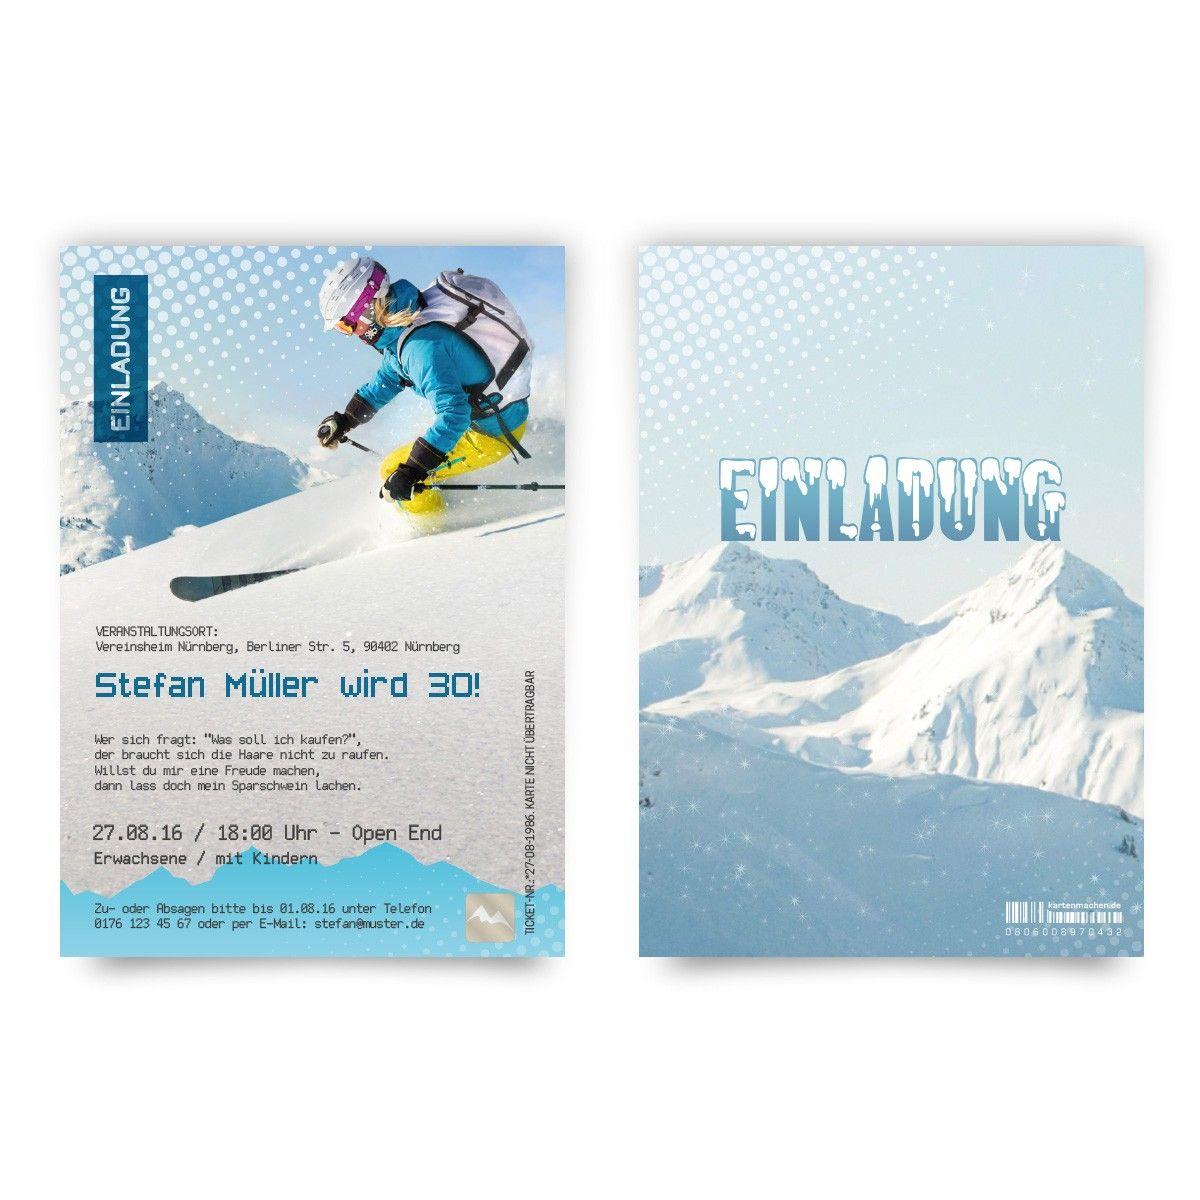 exceptional einladungskarten bestellen #2: Einladungskarten als Skipass online gestalten und bestellen!